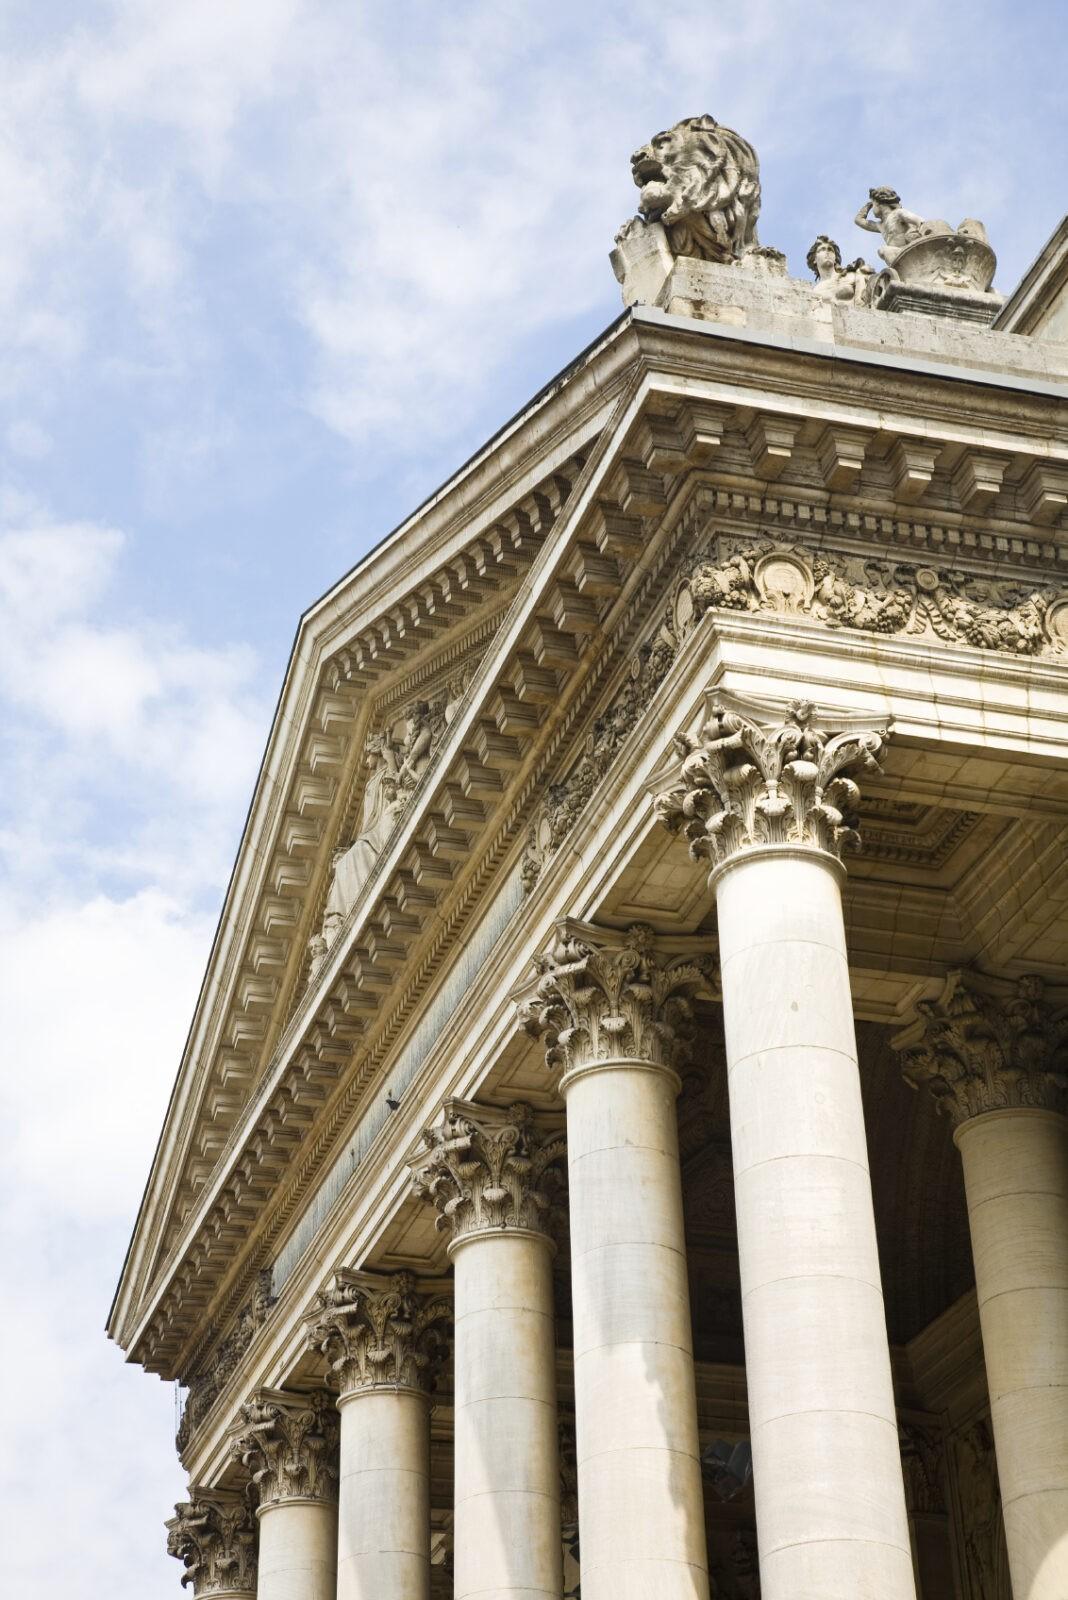 Brussels Stock Exchange building